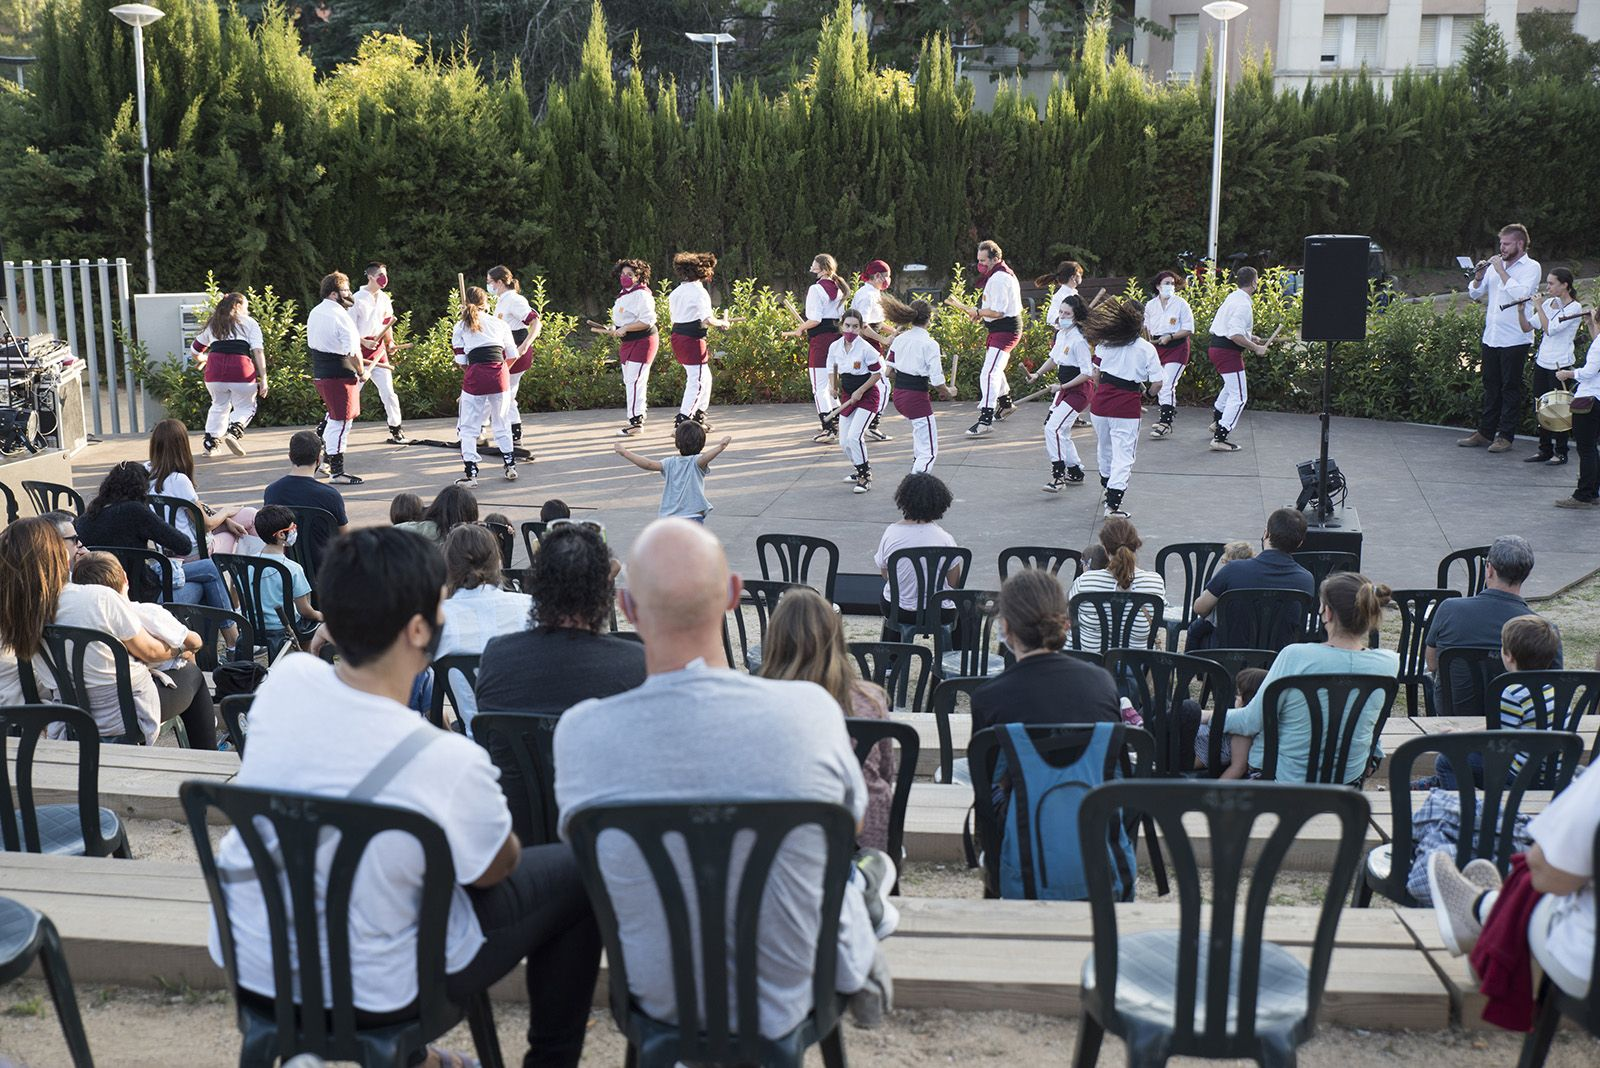 Mostra de cultura popular de la Festa Major del Monestir - Sant Francesc. Foto: Bernat Millet.